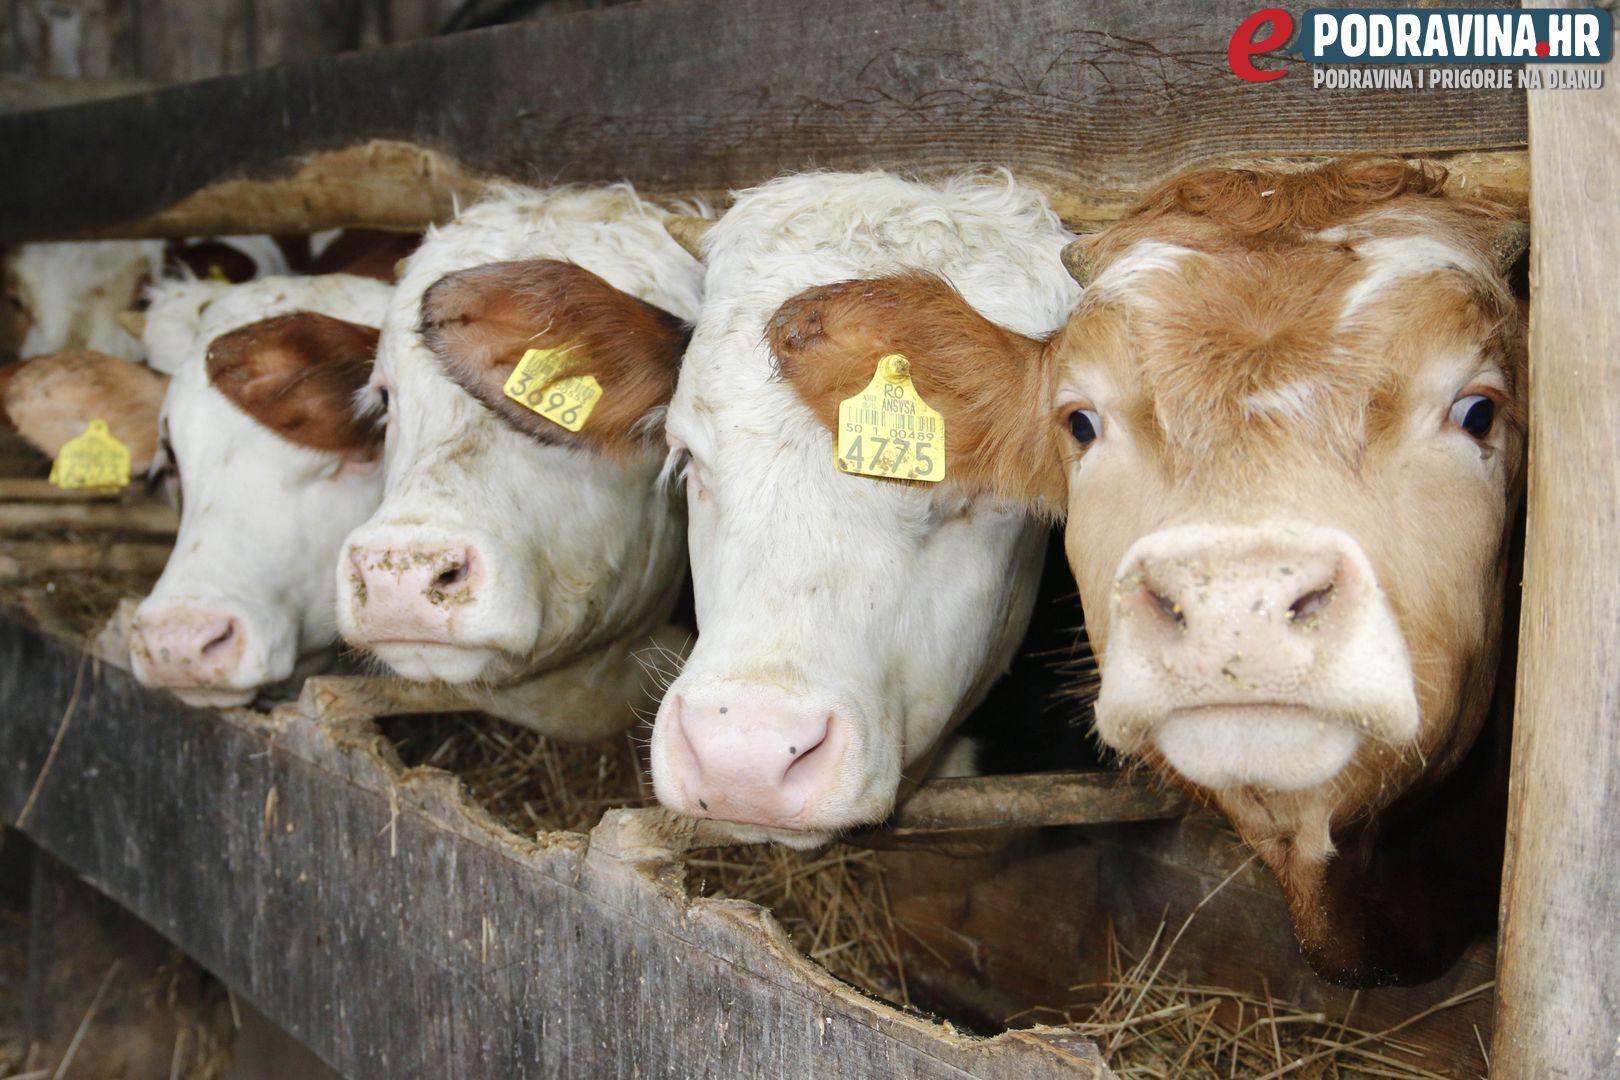 Darko Imbrišić do kraja godine mora prodati sve krave // Foto: Matija Gudlin